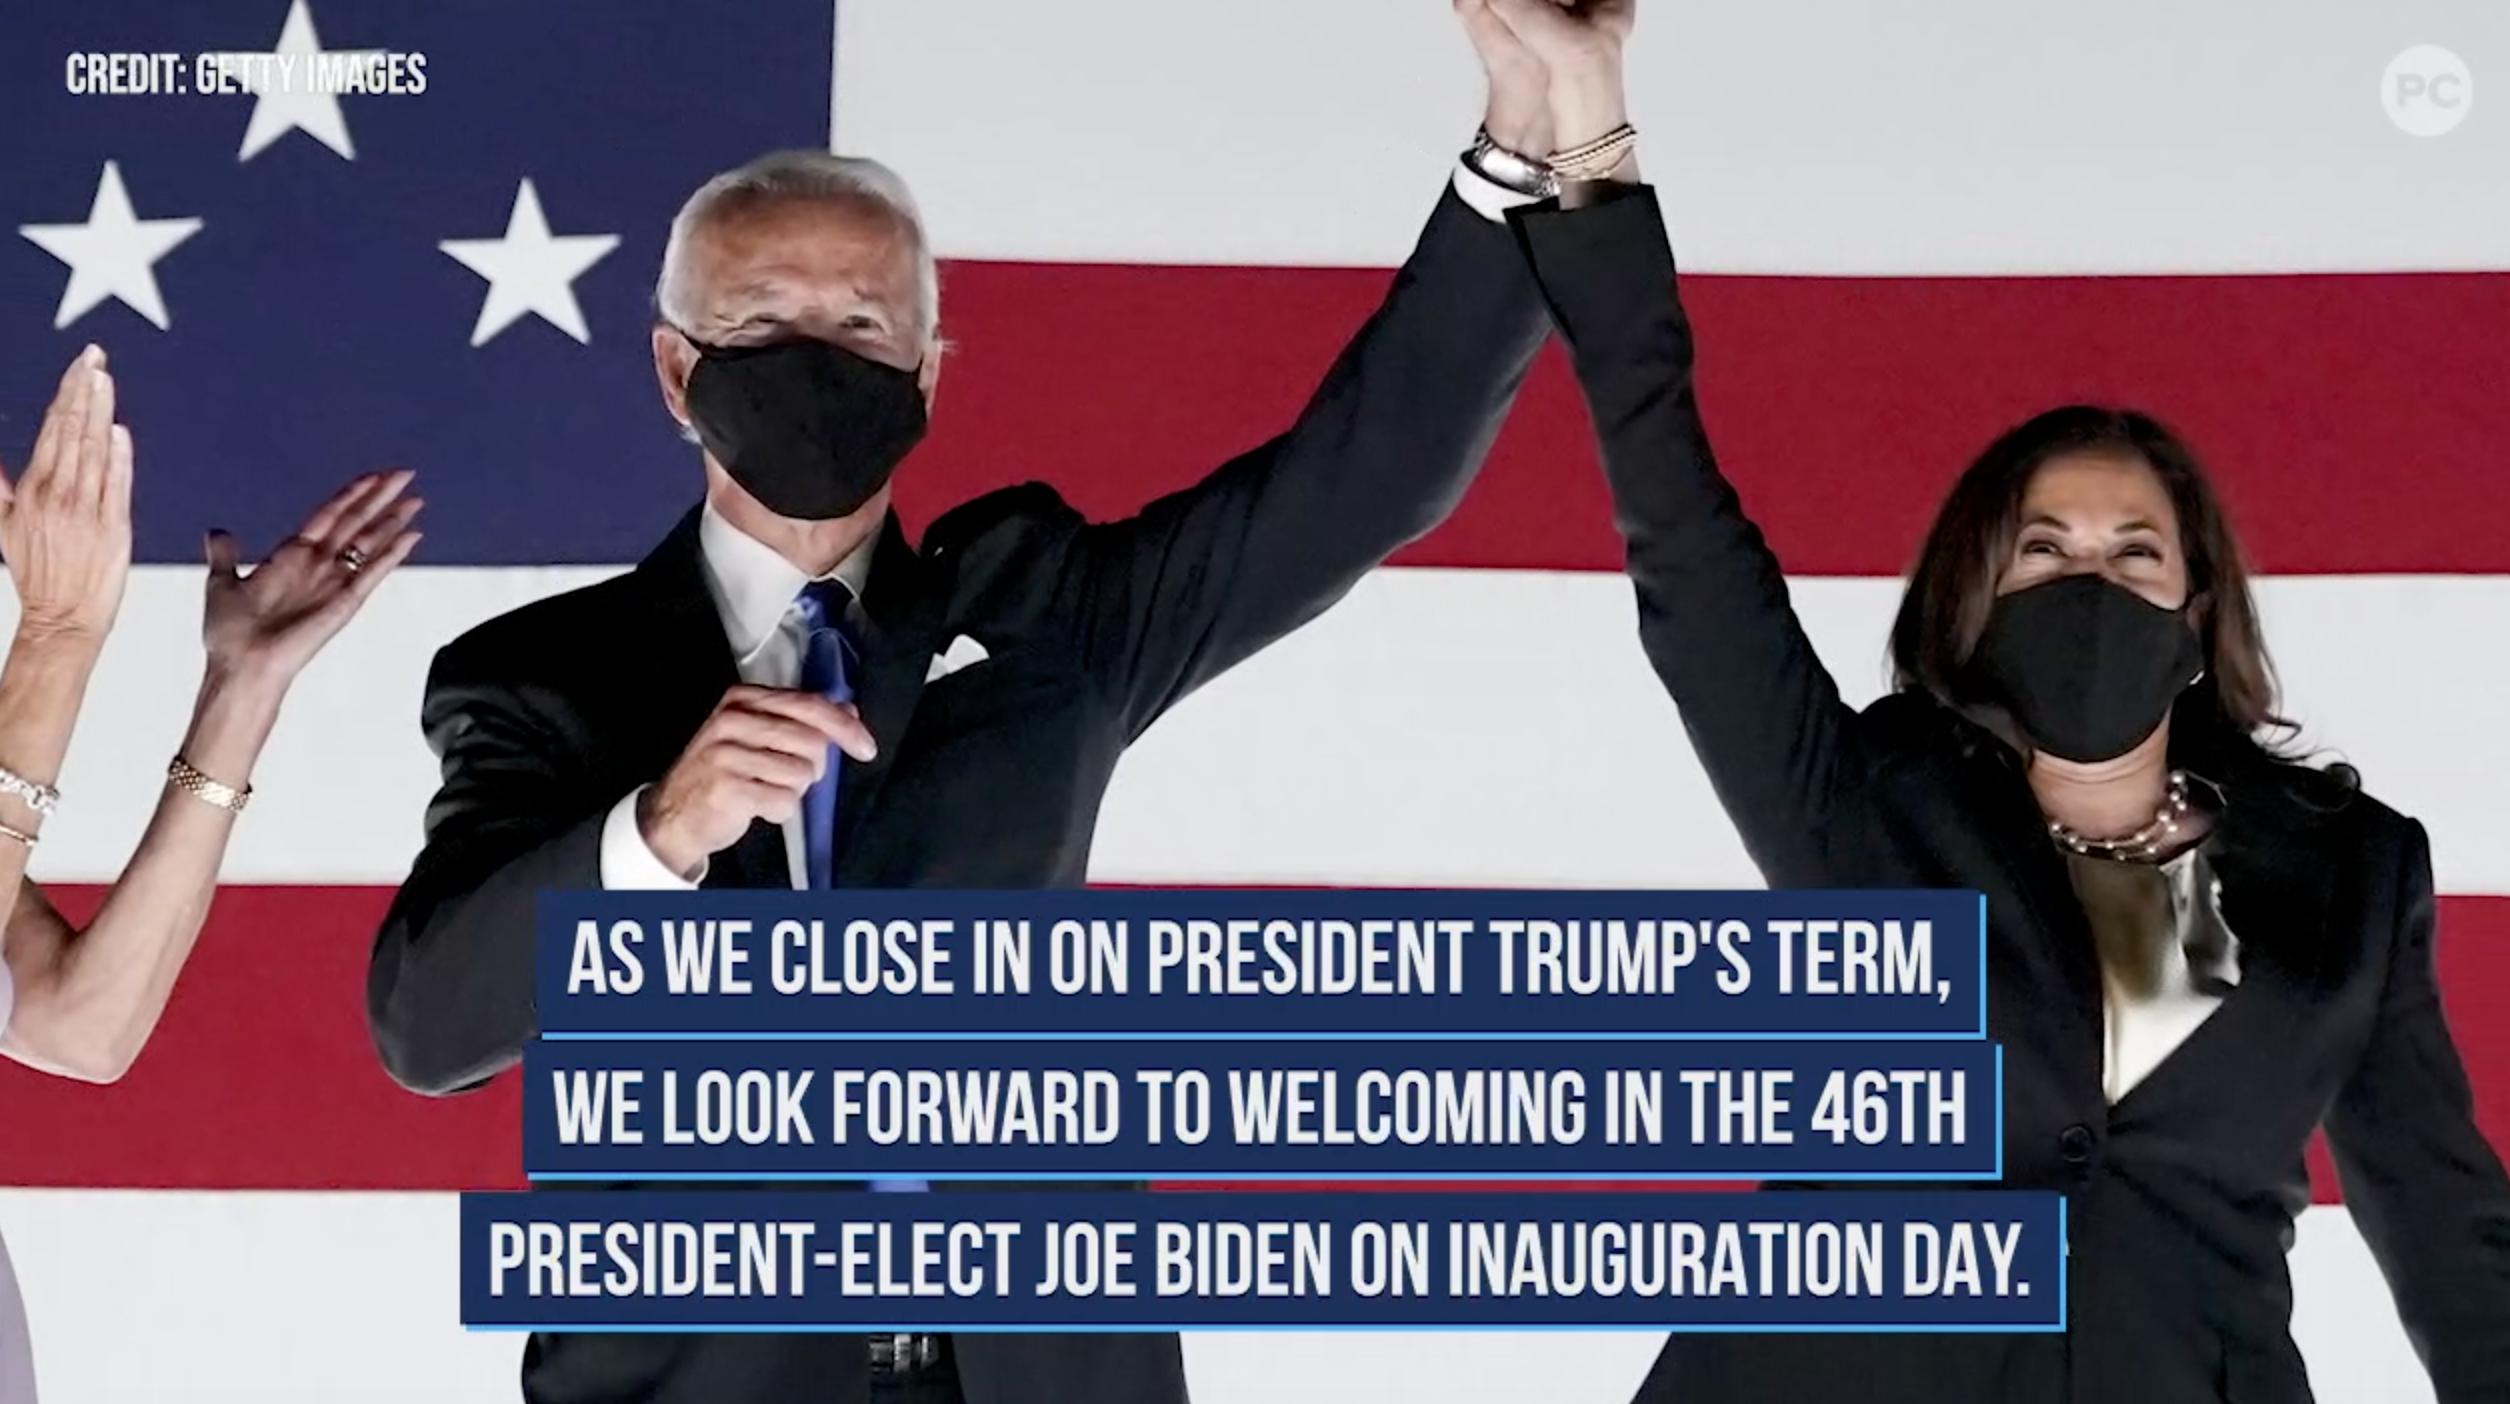 Joe Biden's 2021 Inauguration Day Highlights